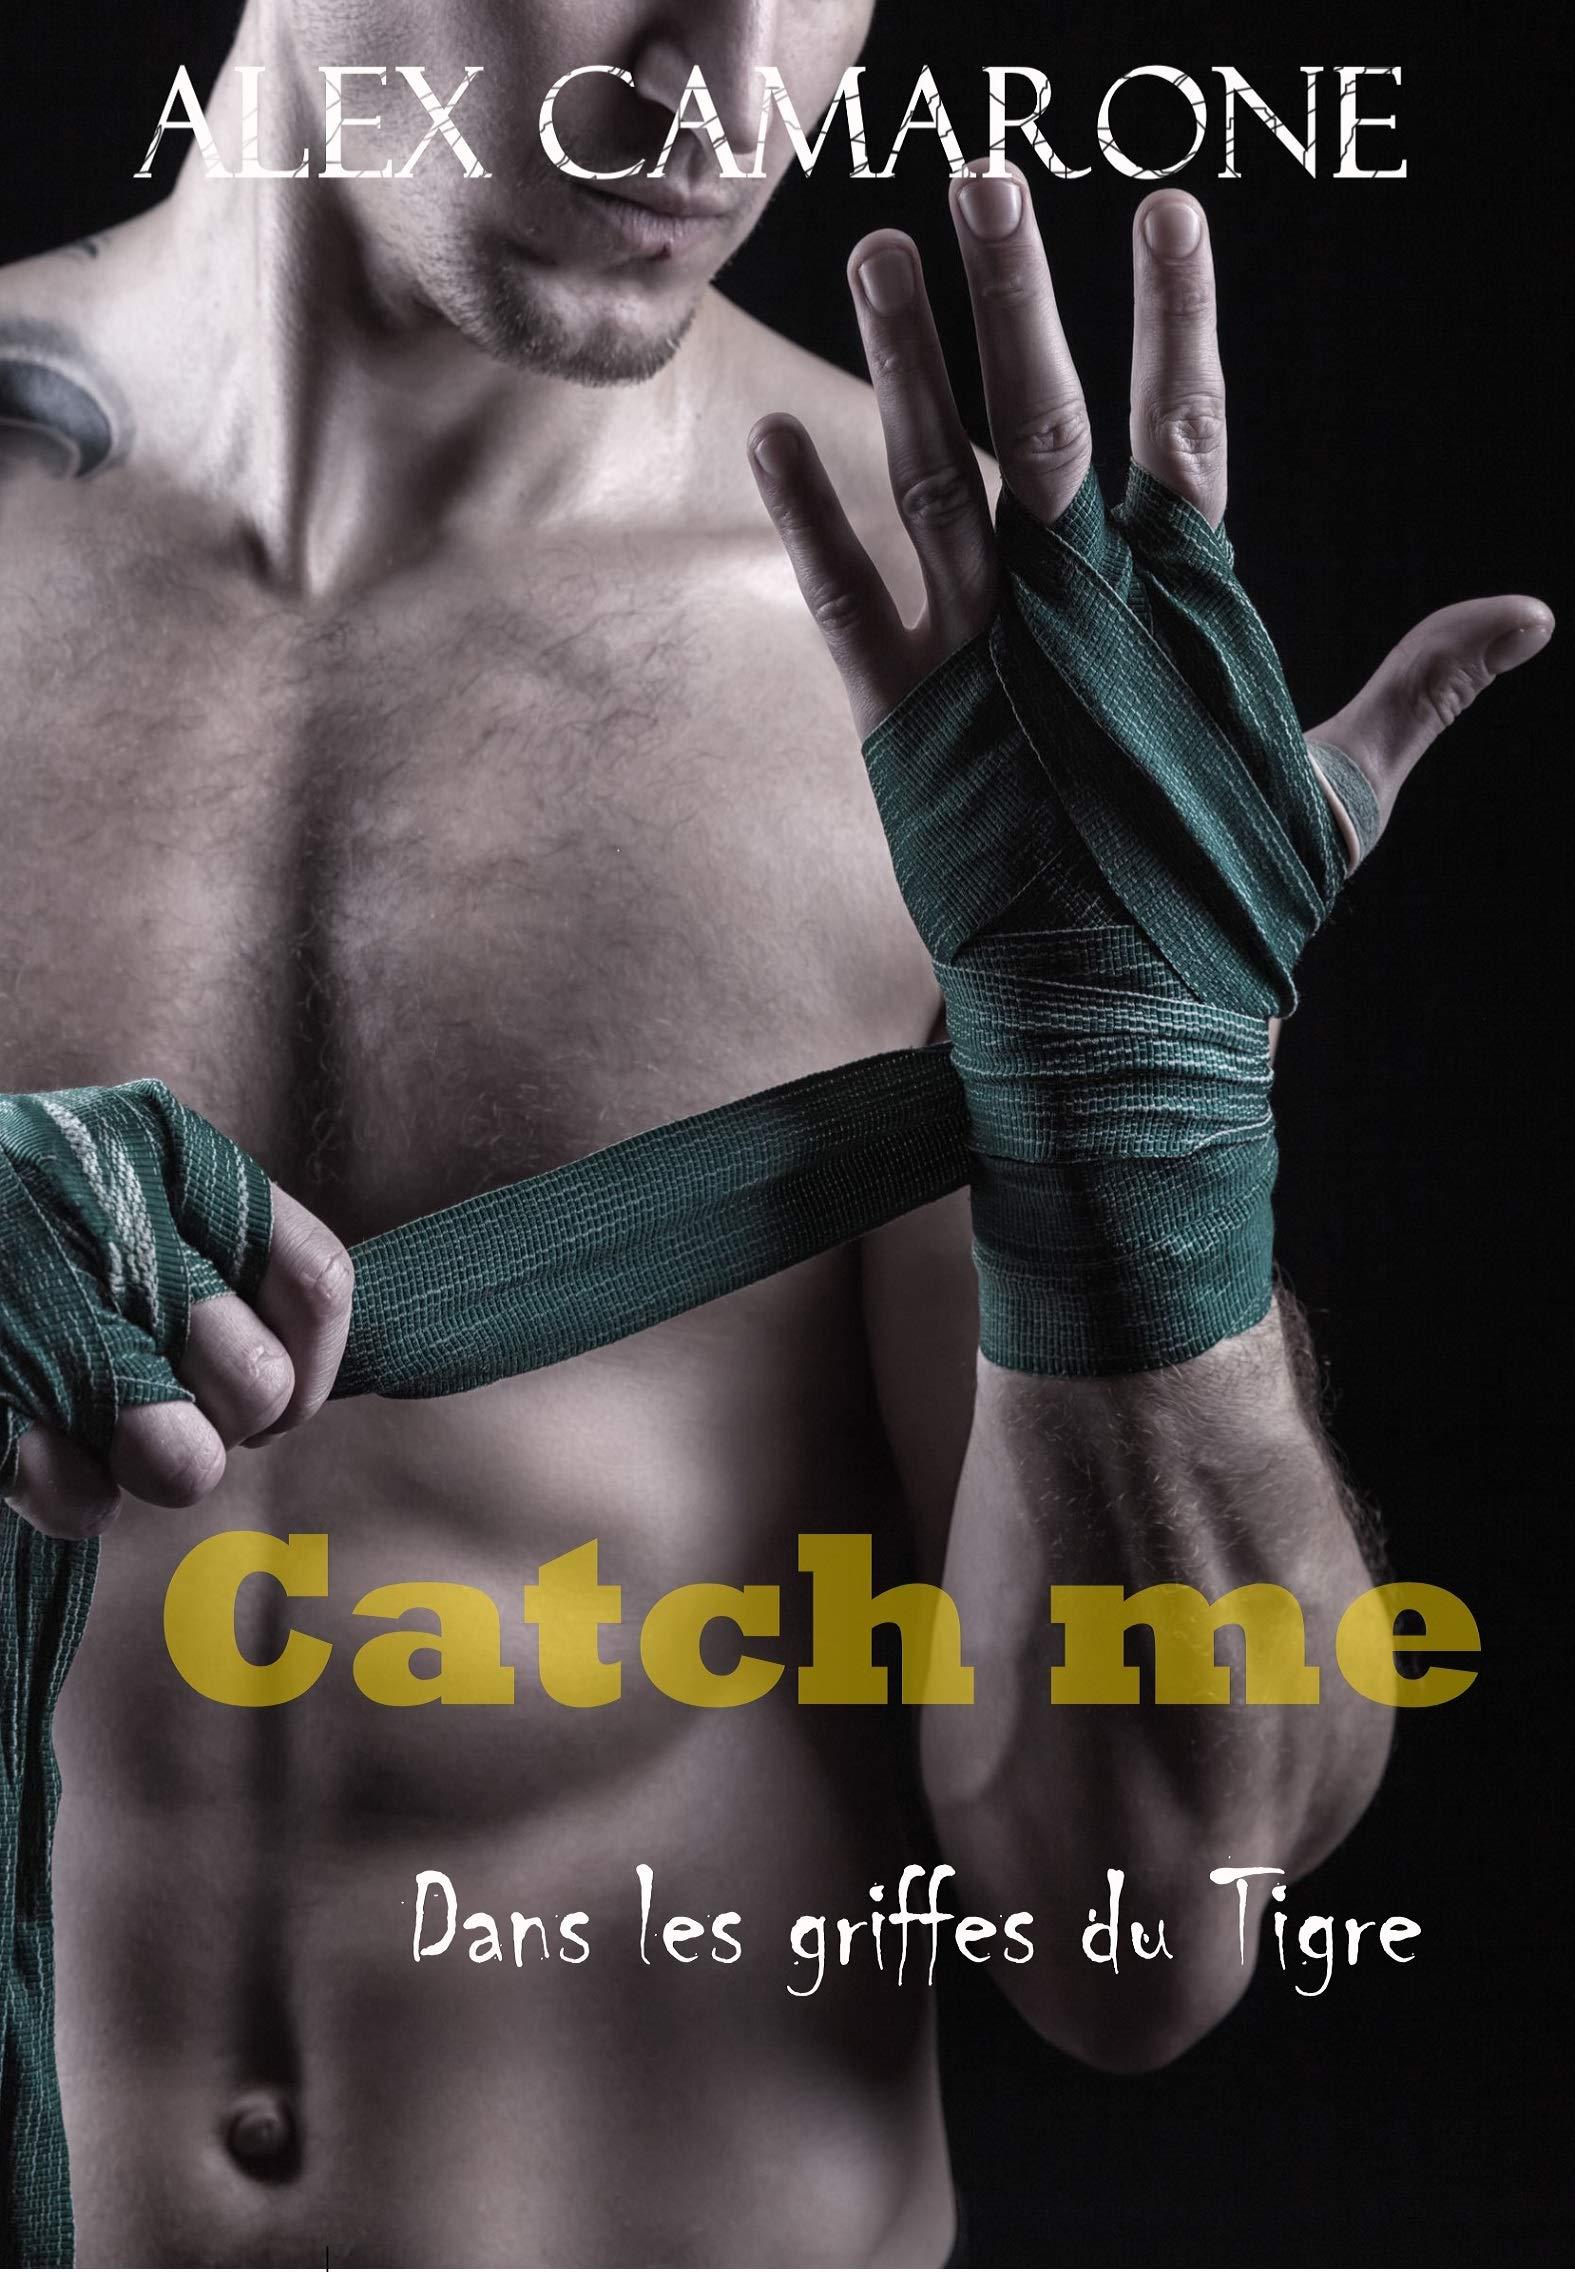 Catch me: Dans les griffes du tigre